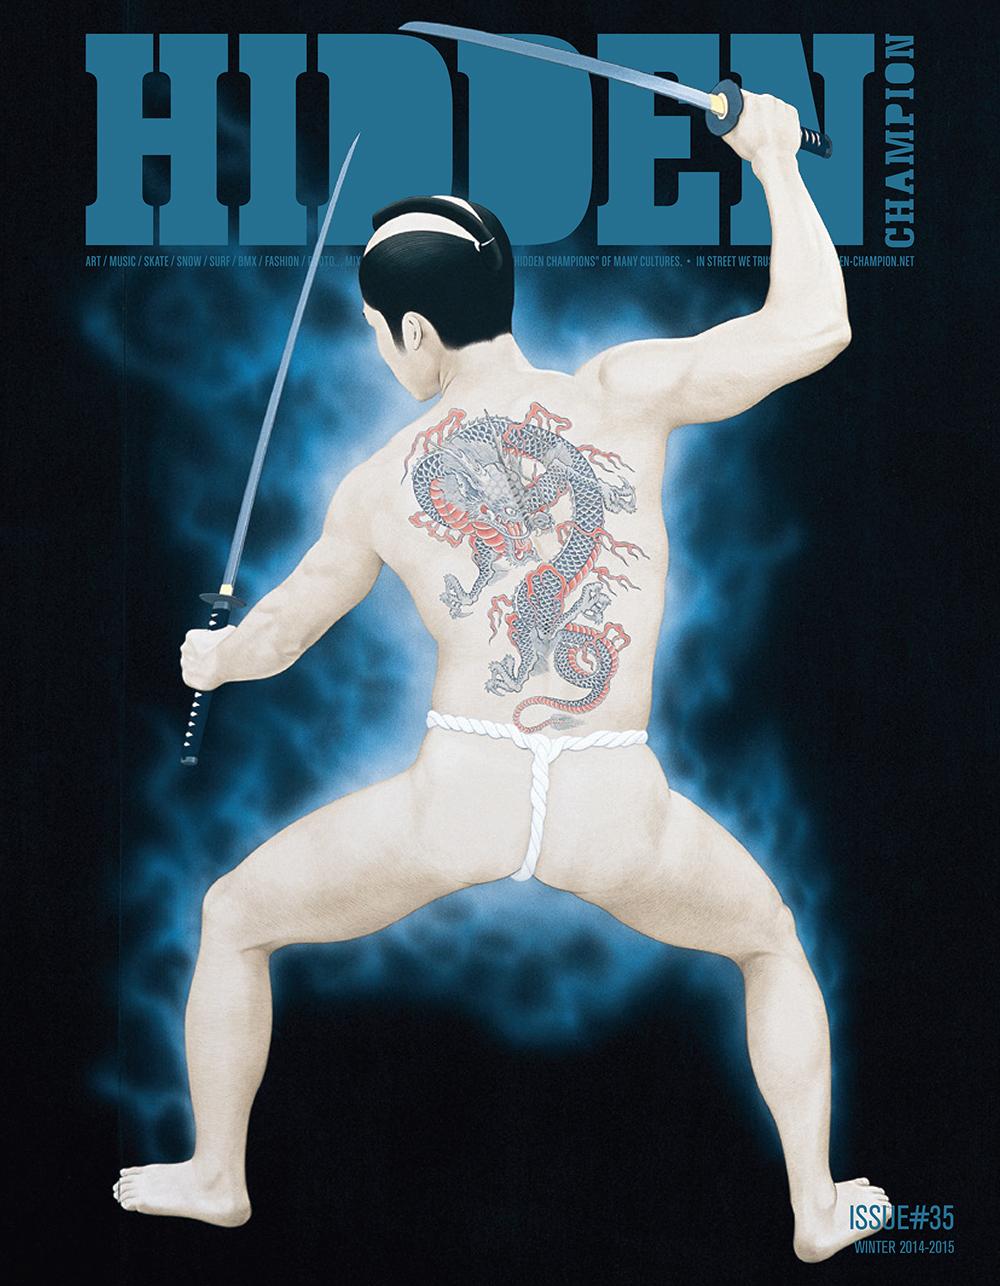 HIDDEN CHAMPION Issue35 Release